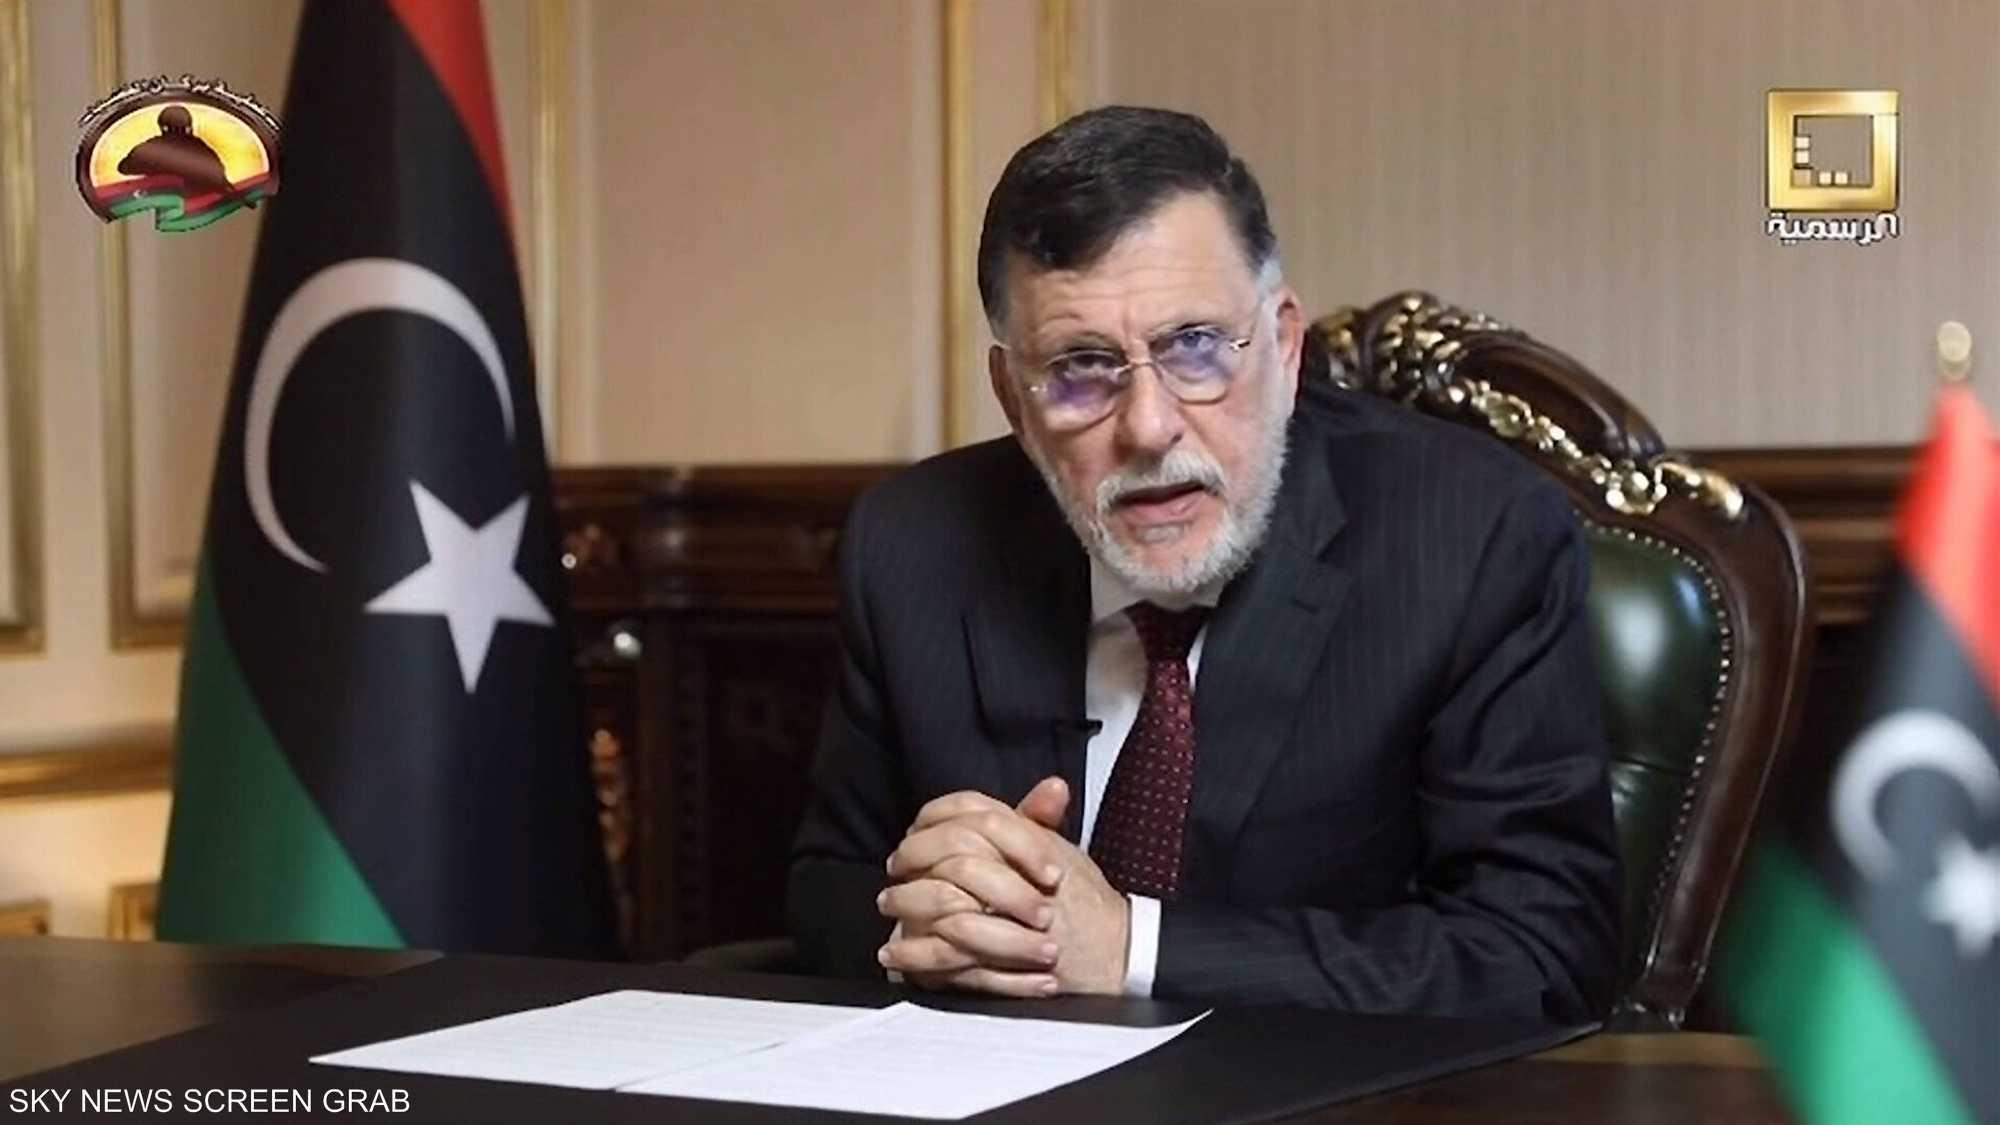 السراج يعتزم الاستقالة من رئاسة حكومة الوفاق